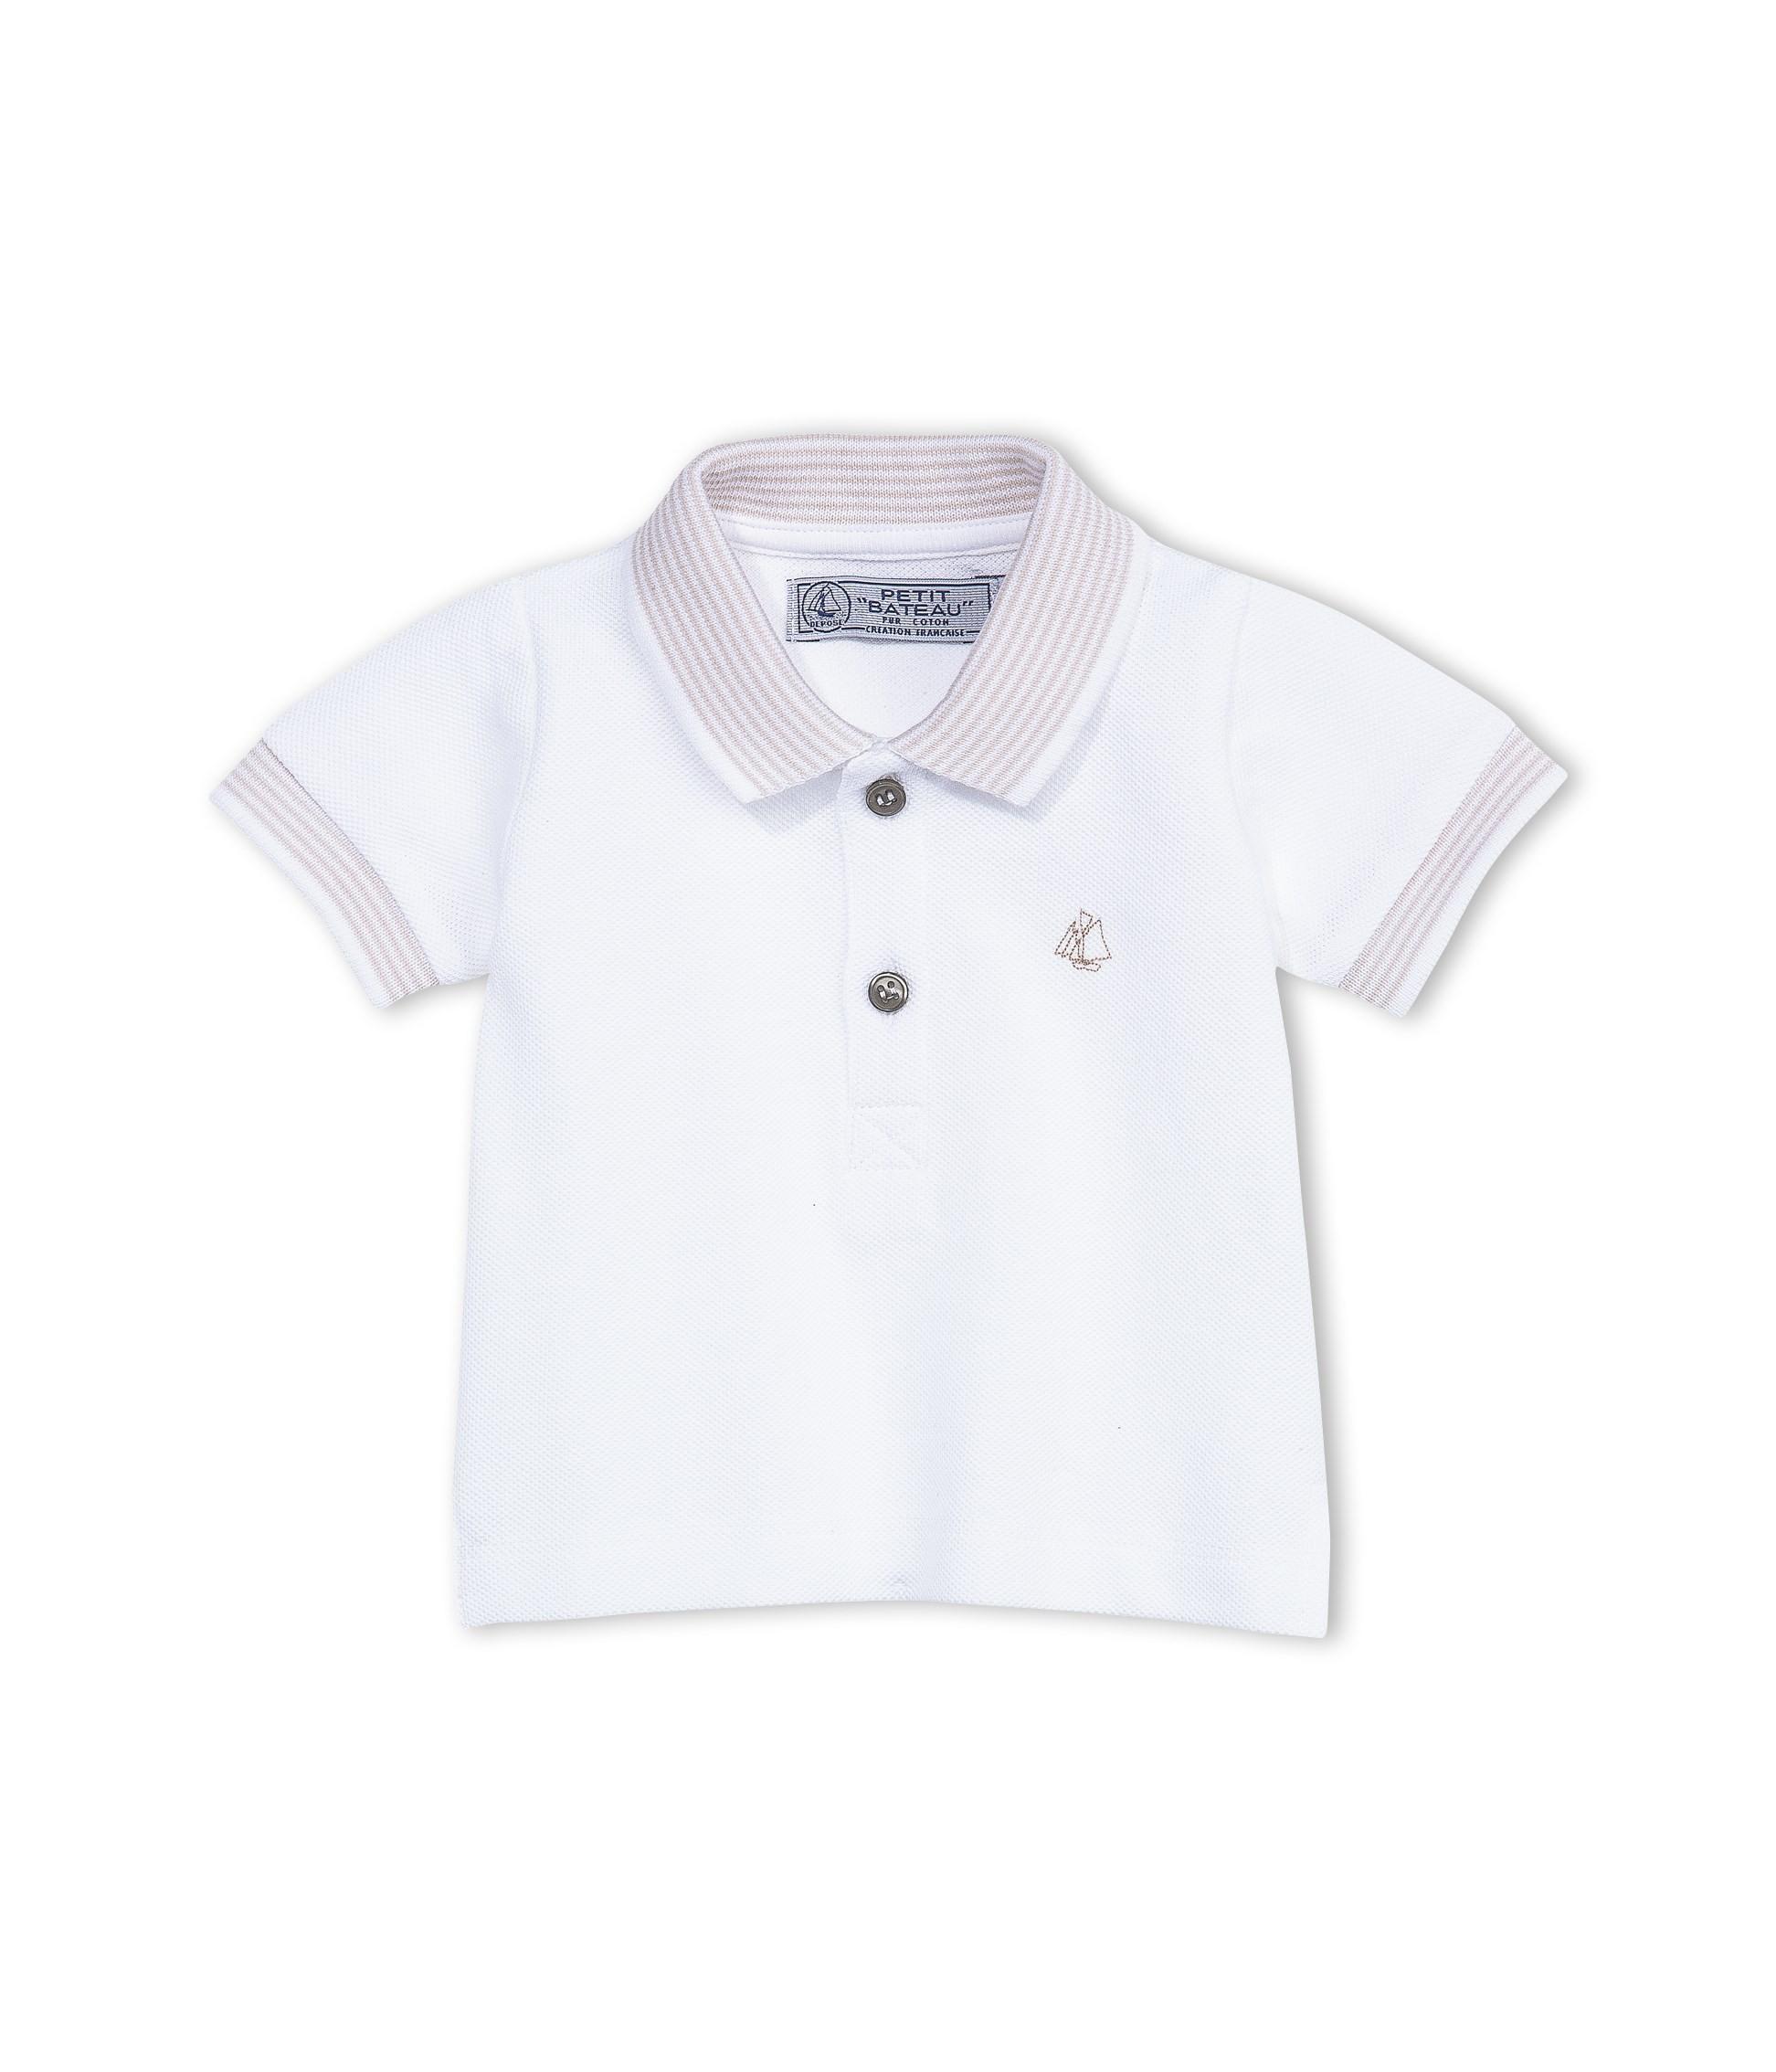 9ff4c1ce02c Baby boy polo shirt in pique jersey - petit-bateau.gr